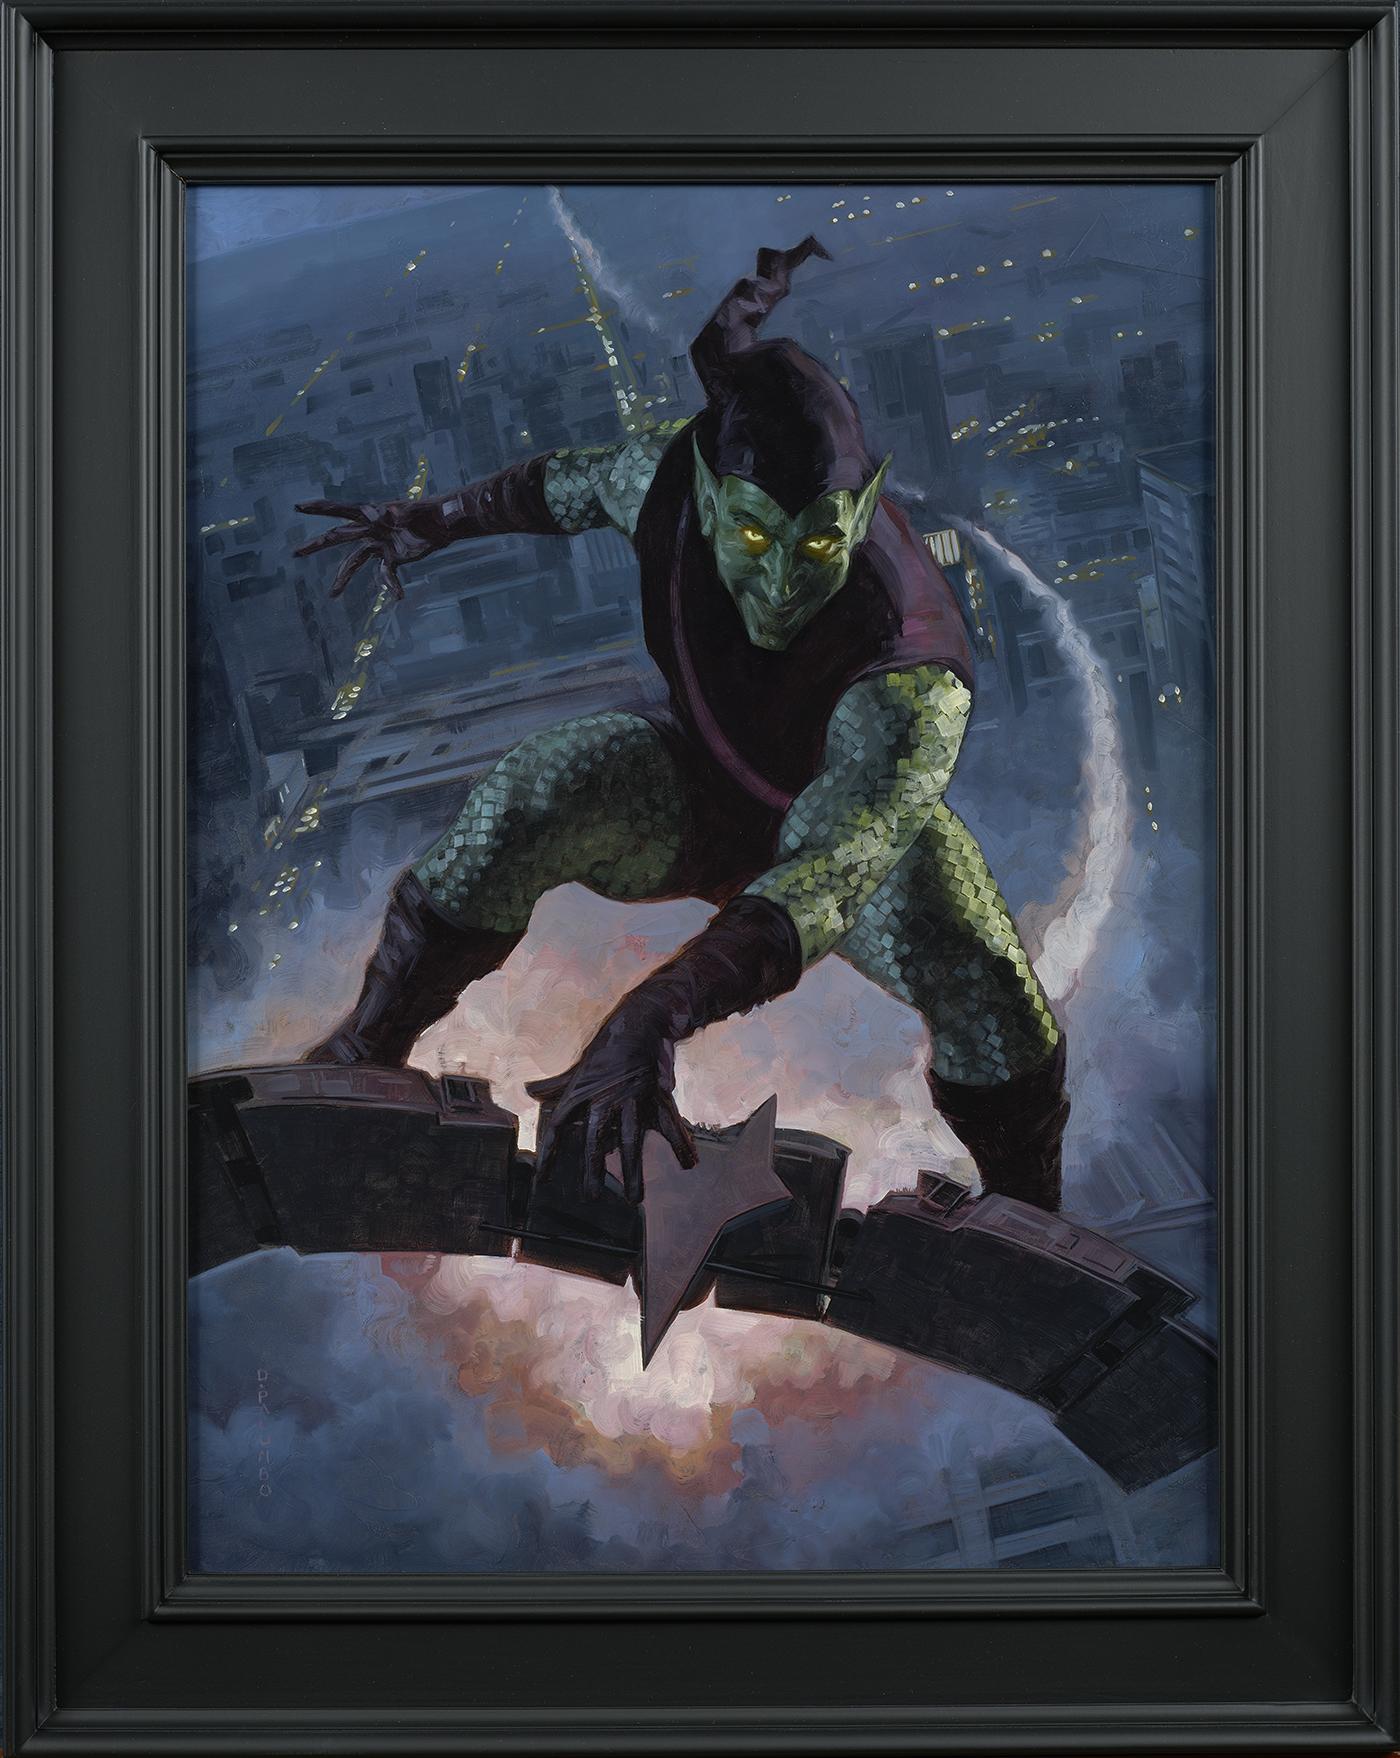 david_palumbo_dp1149_green_goblin_framed.jpg